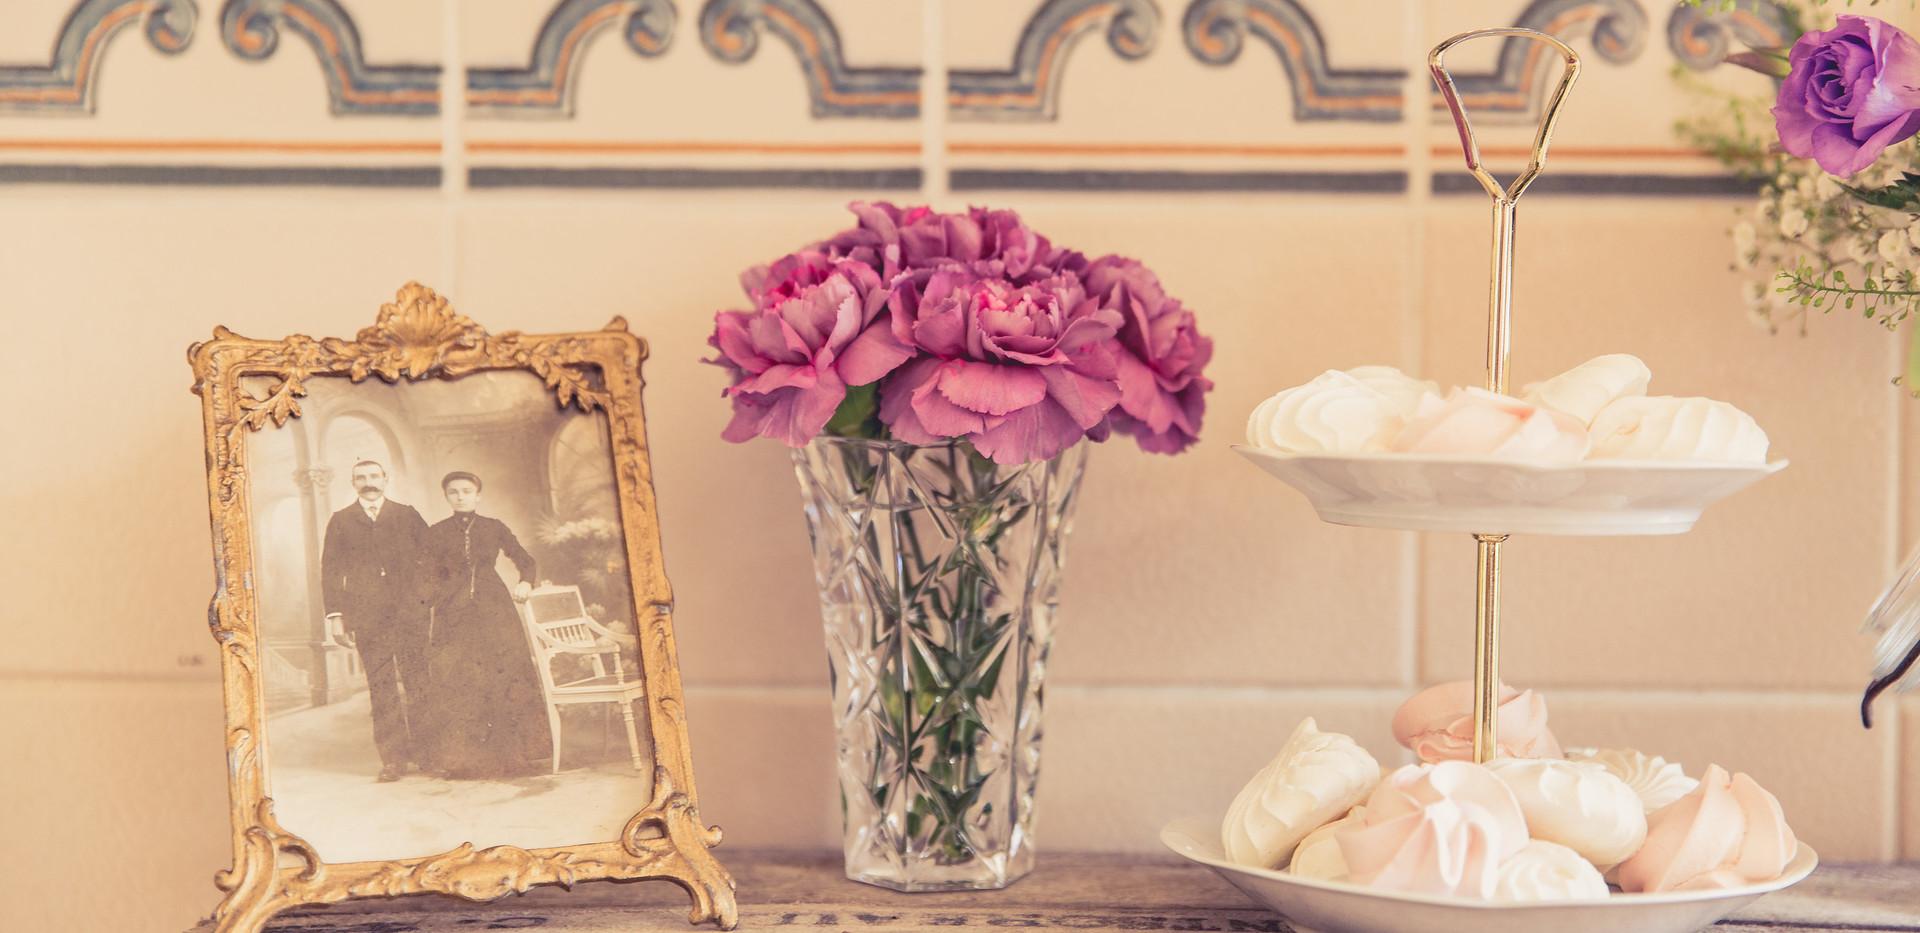 """Vase petit modèle - Photo ©Vivien Bluteau """"Il était une fois"""""""